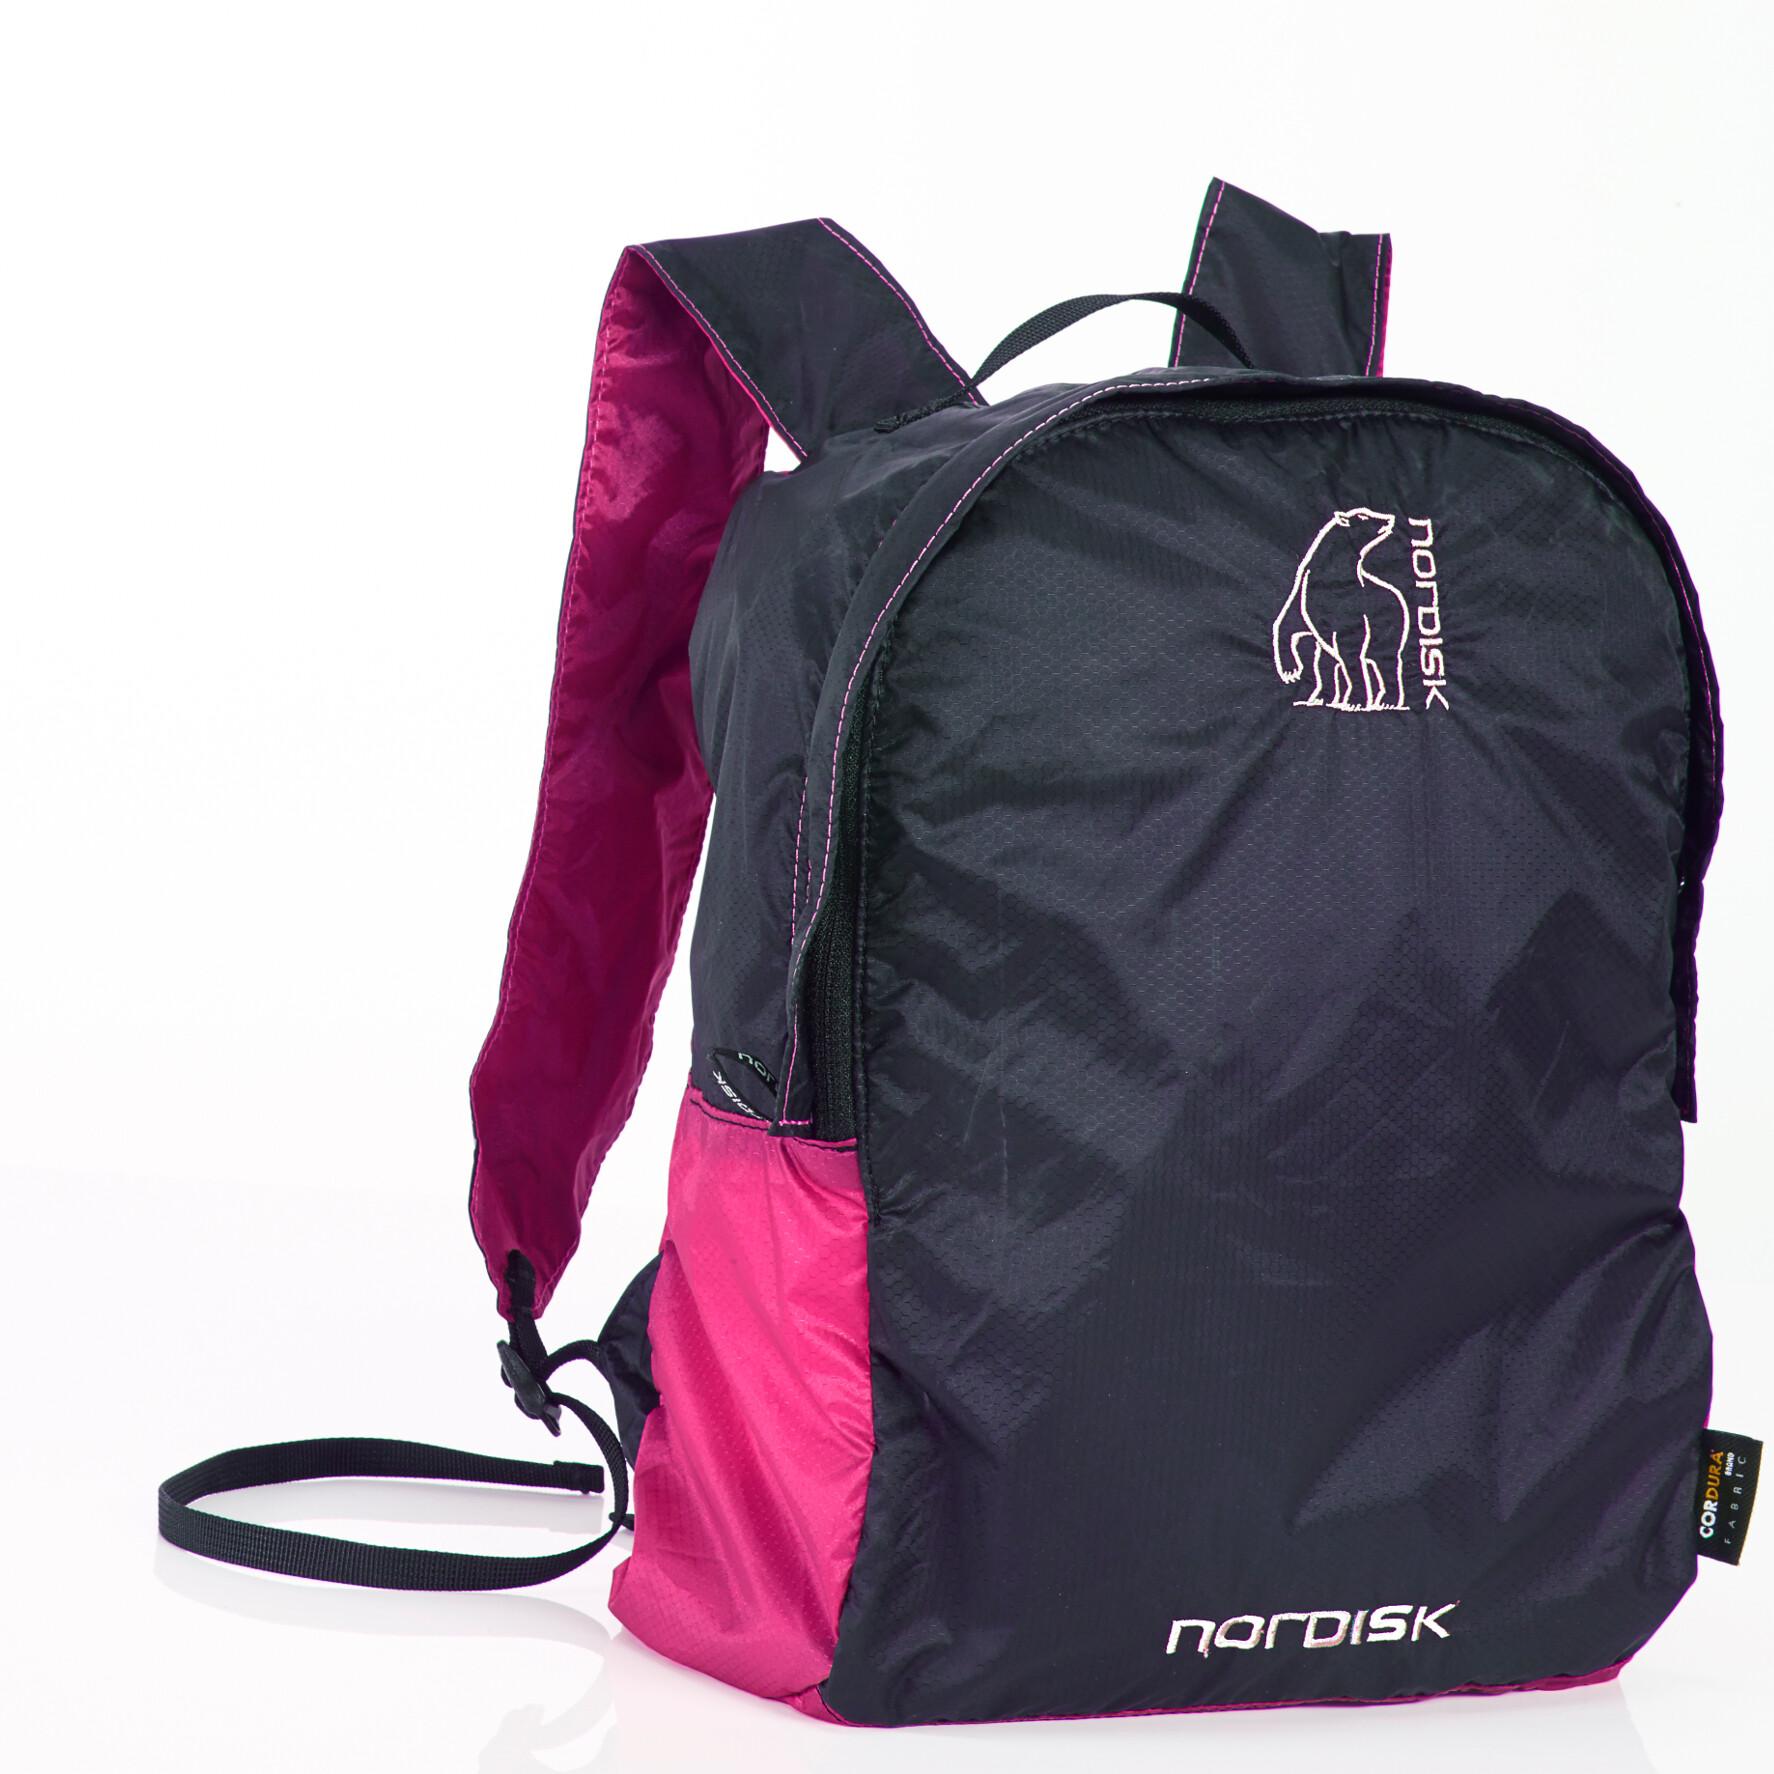 Nordisk Nibe Rygsæk 12 liter, new pink/black | Rygsæk og rejsetasker